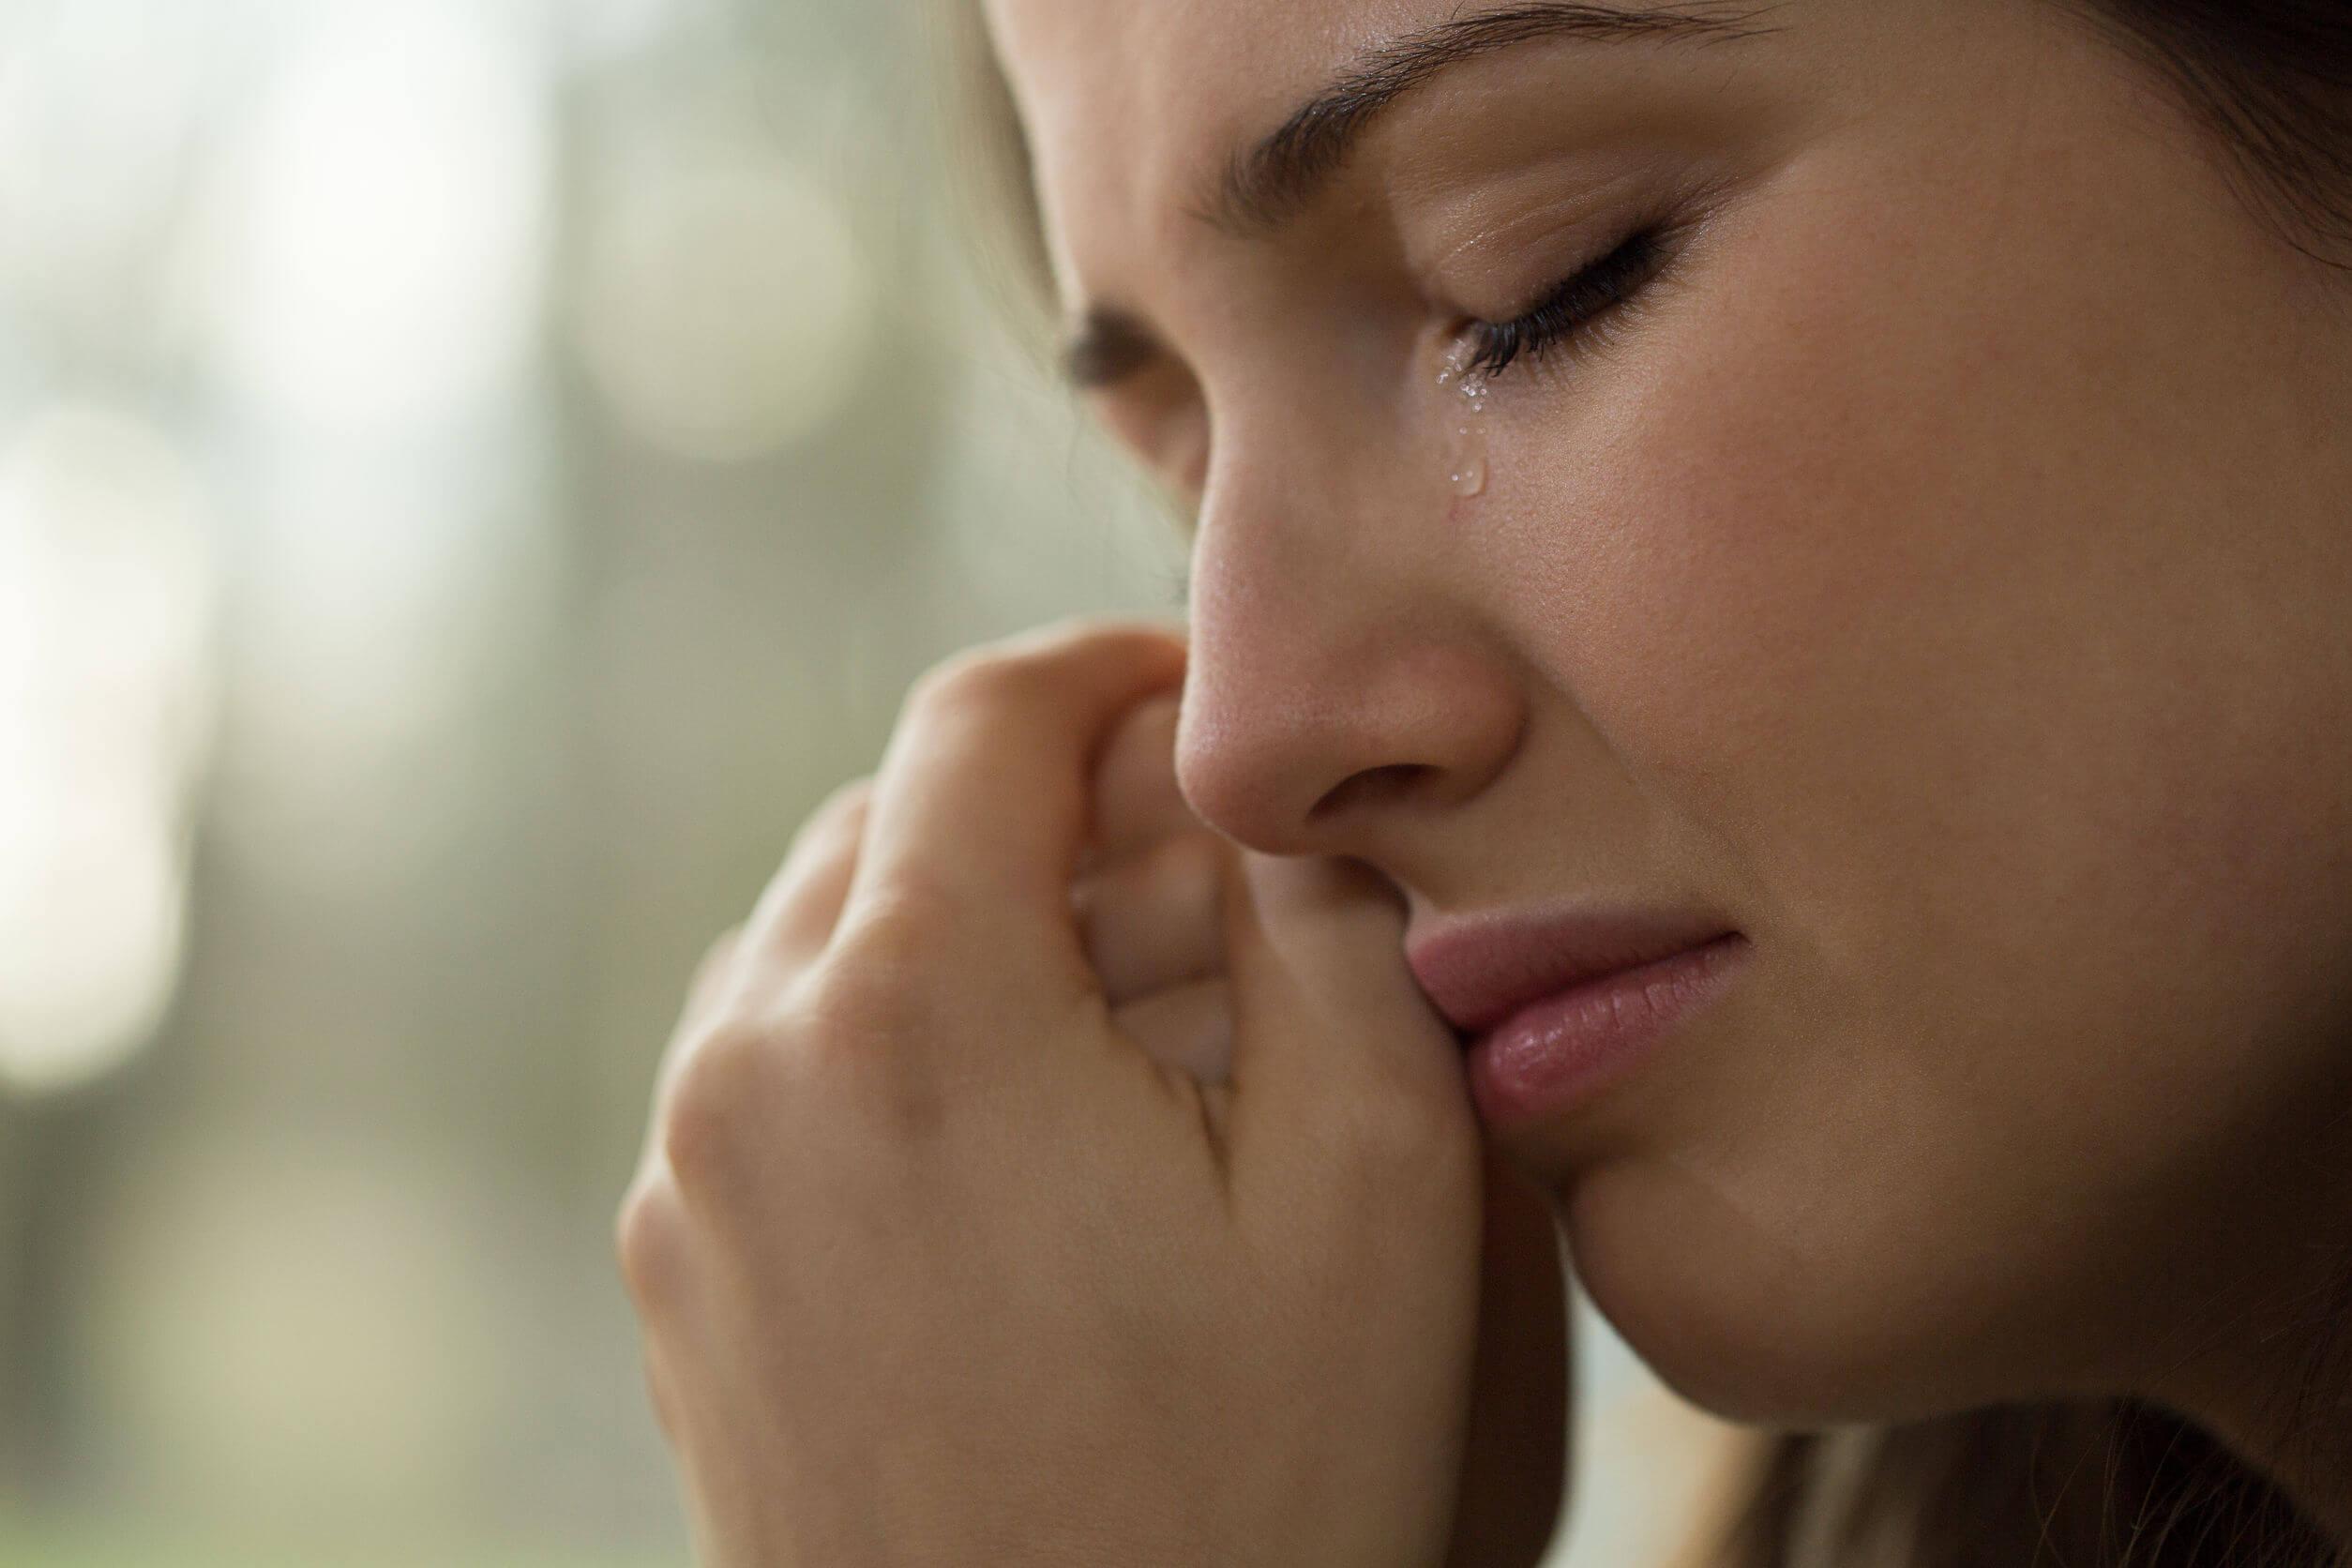 No llorar te hará más daño